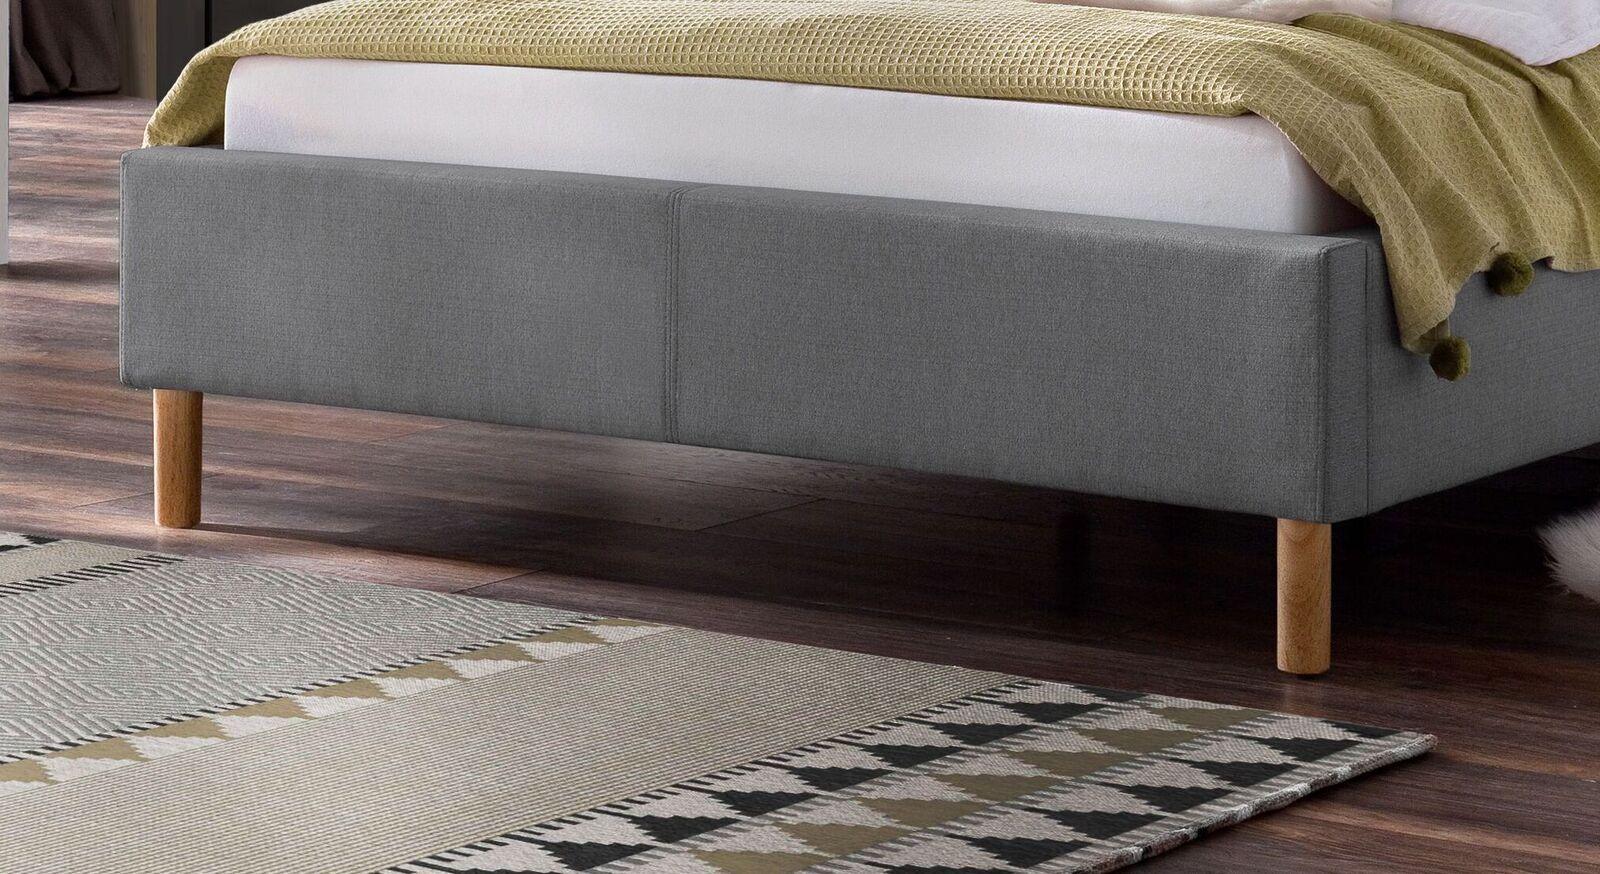 Bett Lemin mit runden Massivholz-Bettbeinen